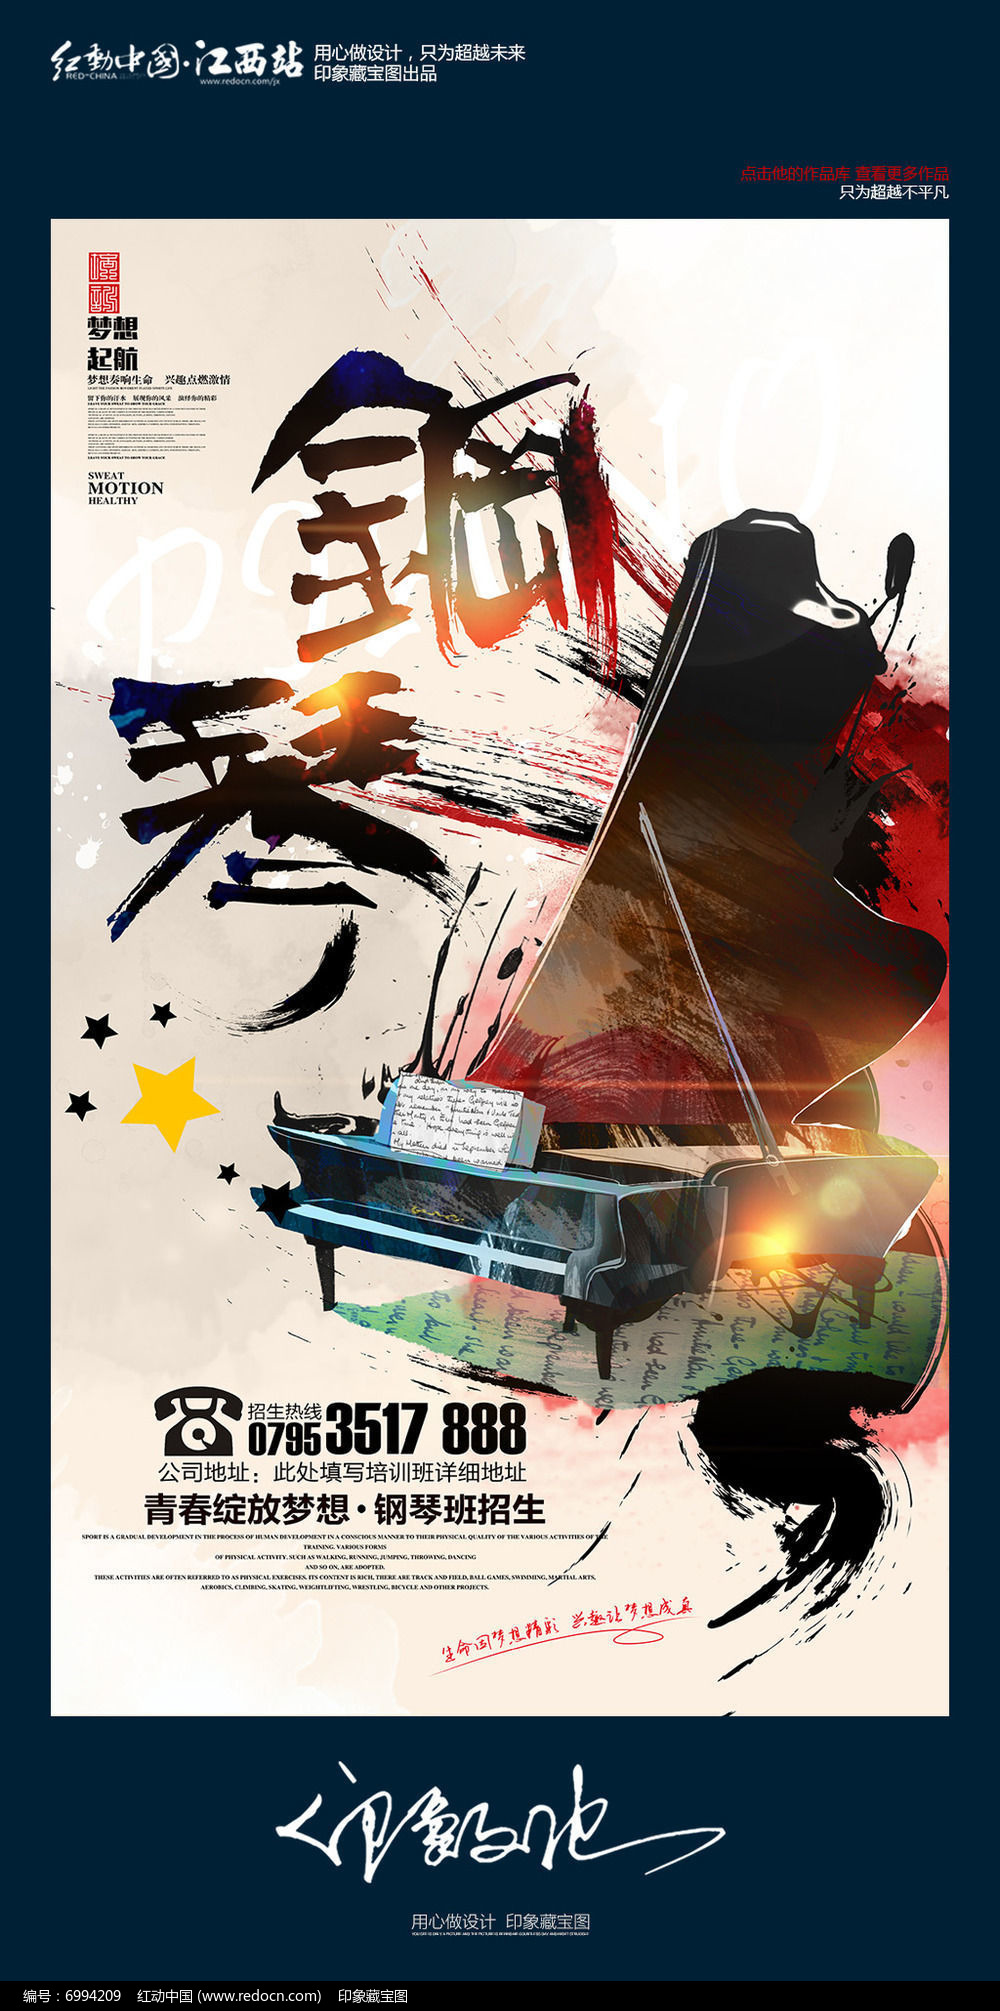 创意水彩钢琴招生培训海报图片